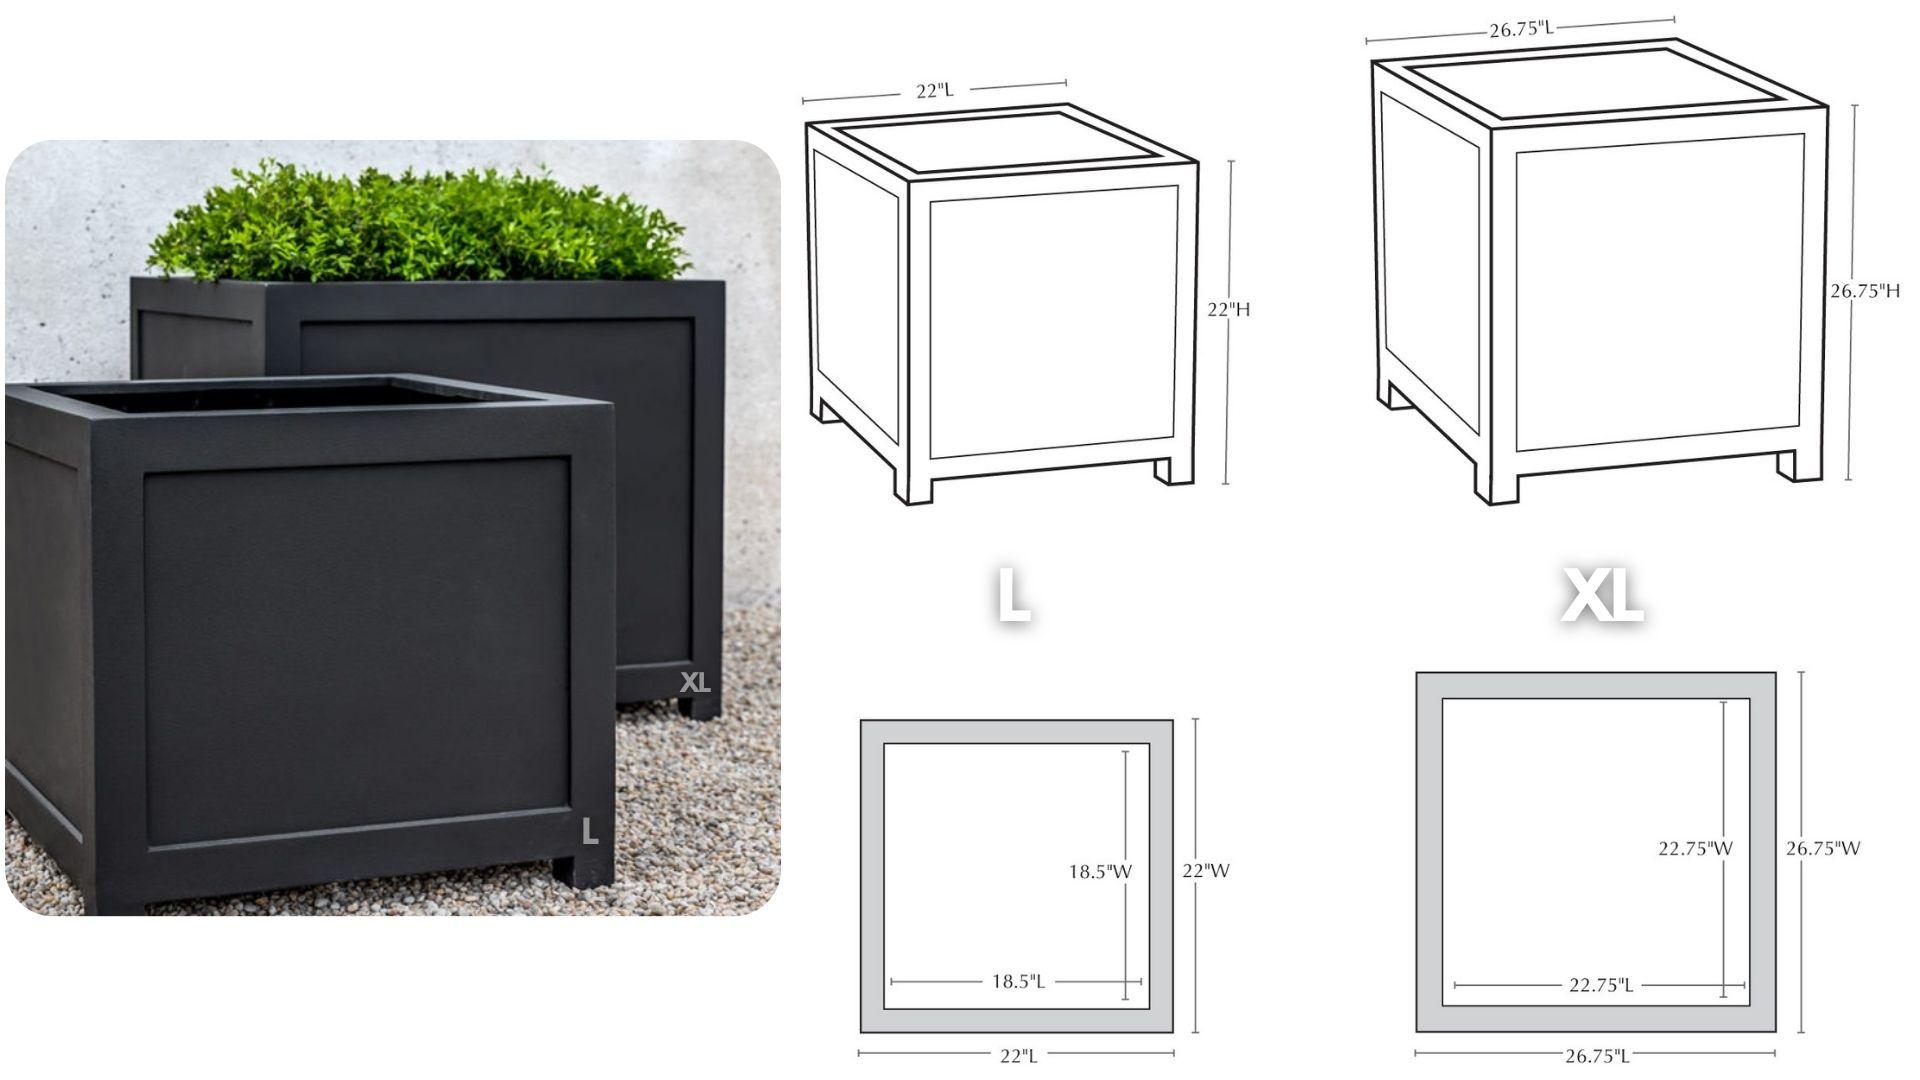 oxford-square-planter-dimensions